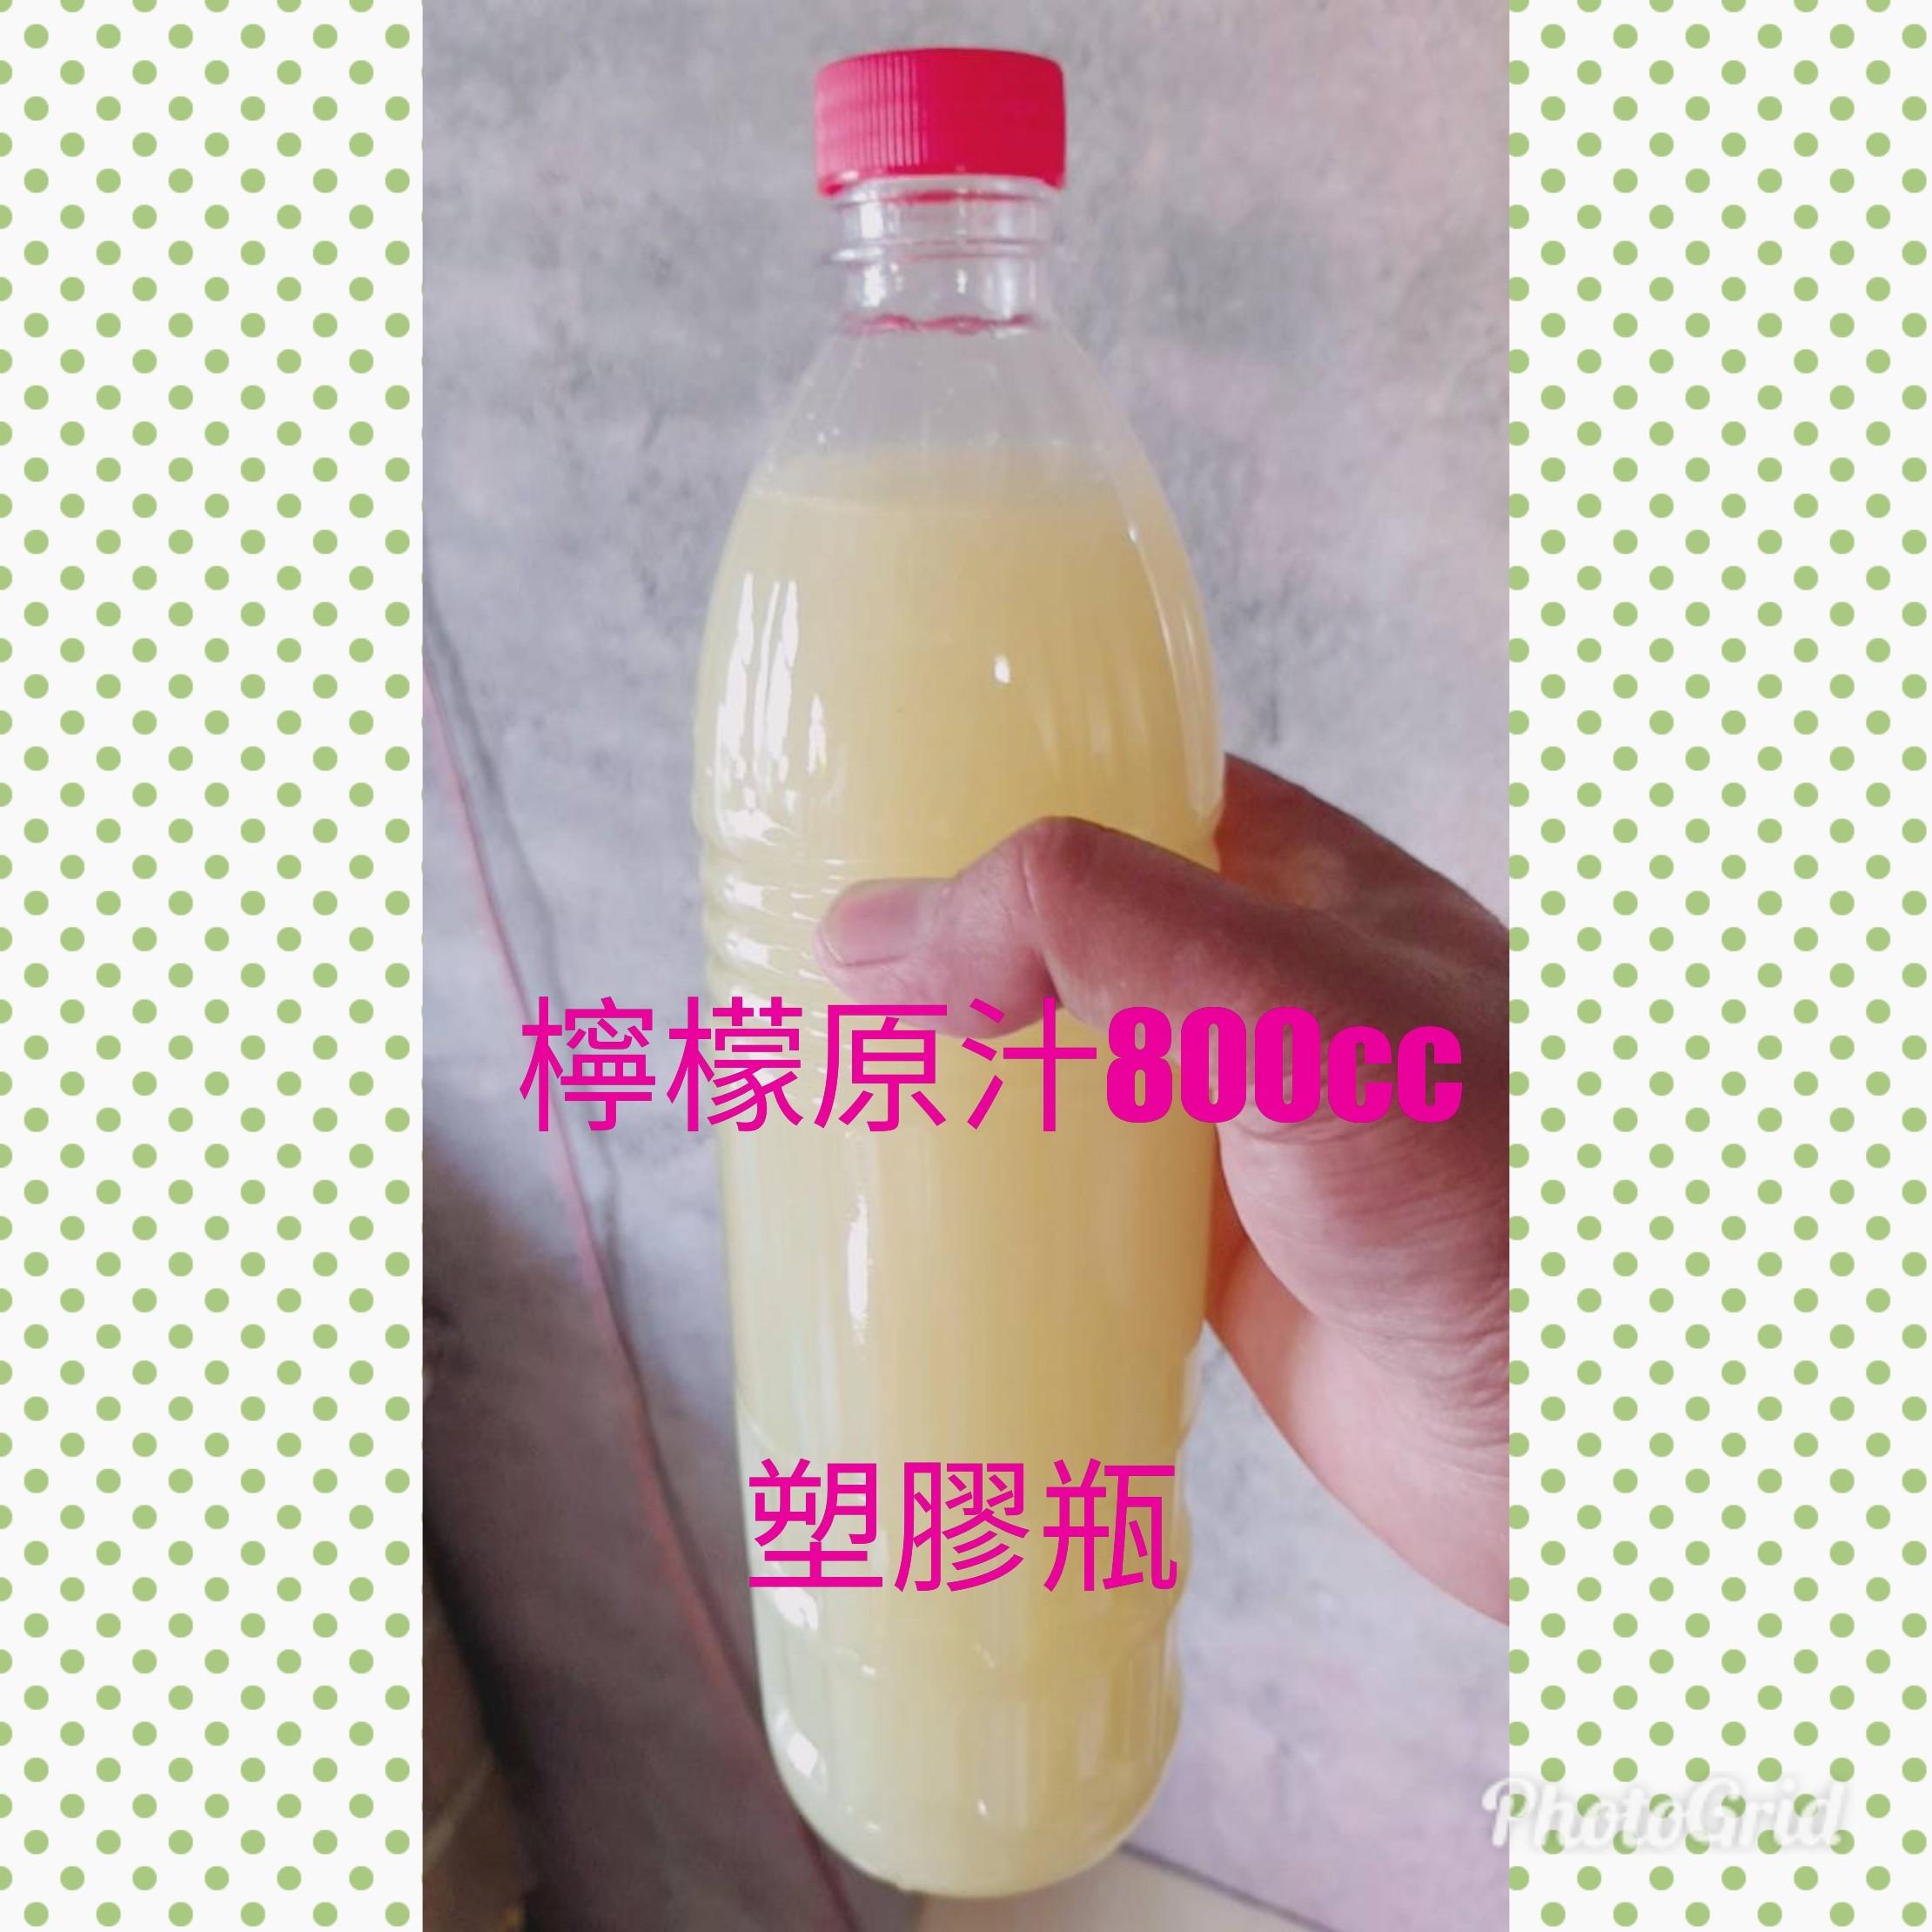 無毒檸檬原汁   鮮檸檬汁   檸檬汁   檸檬水   TLS全新生活800cc【塑膠瓶裝】